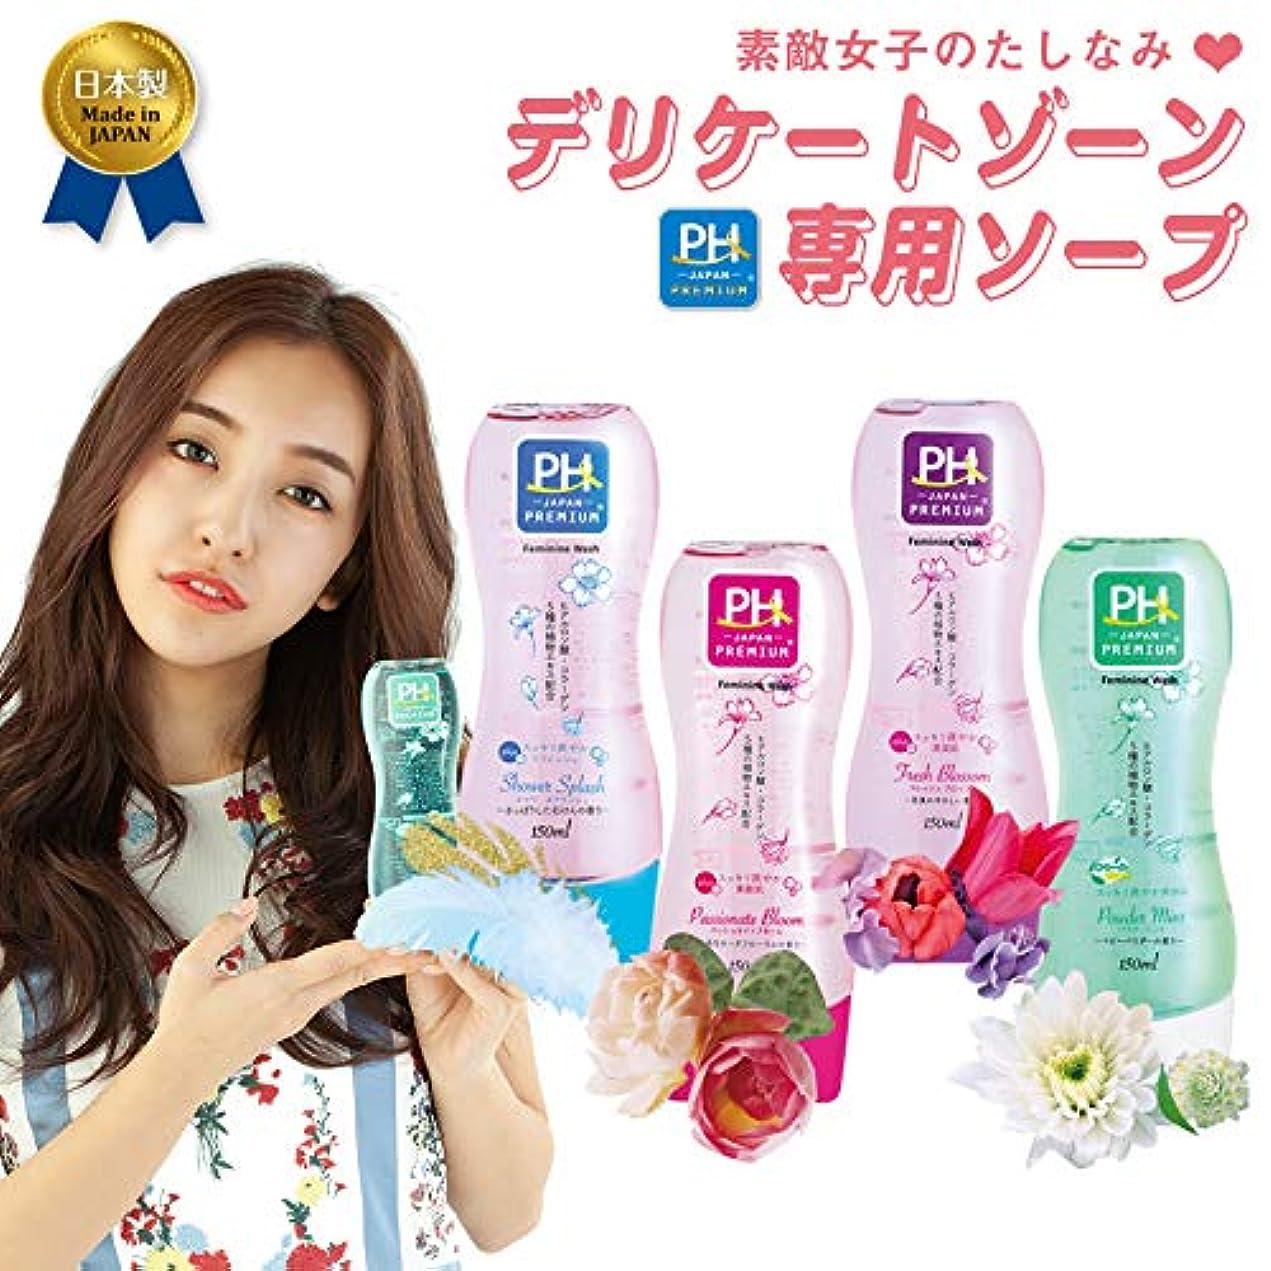 ほうき不均一グリーンバックフレッシュブロッソム2本セット PH JAPAN フェミニンウォッシュ 花束のやさしい香り